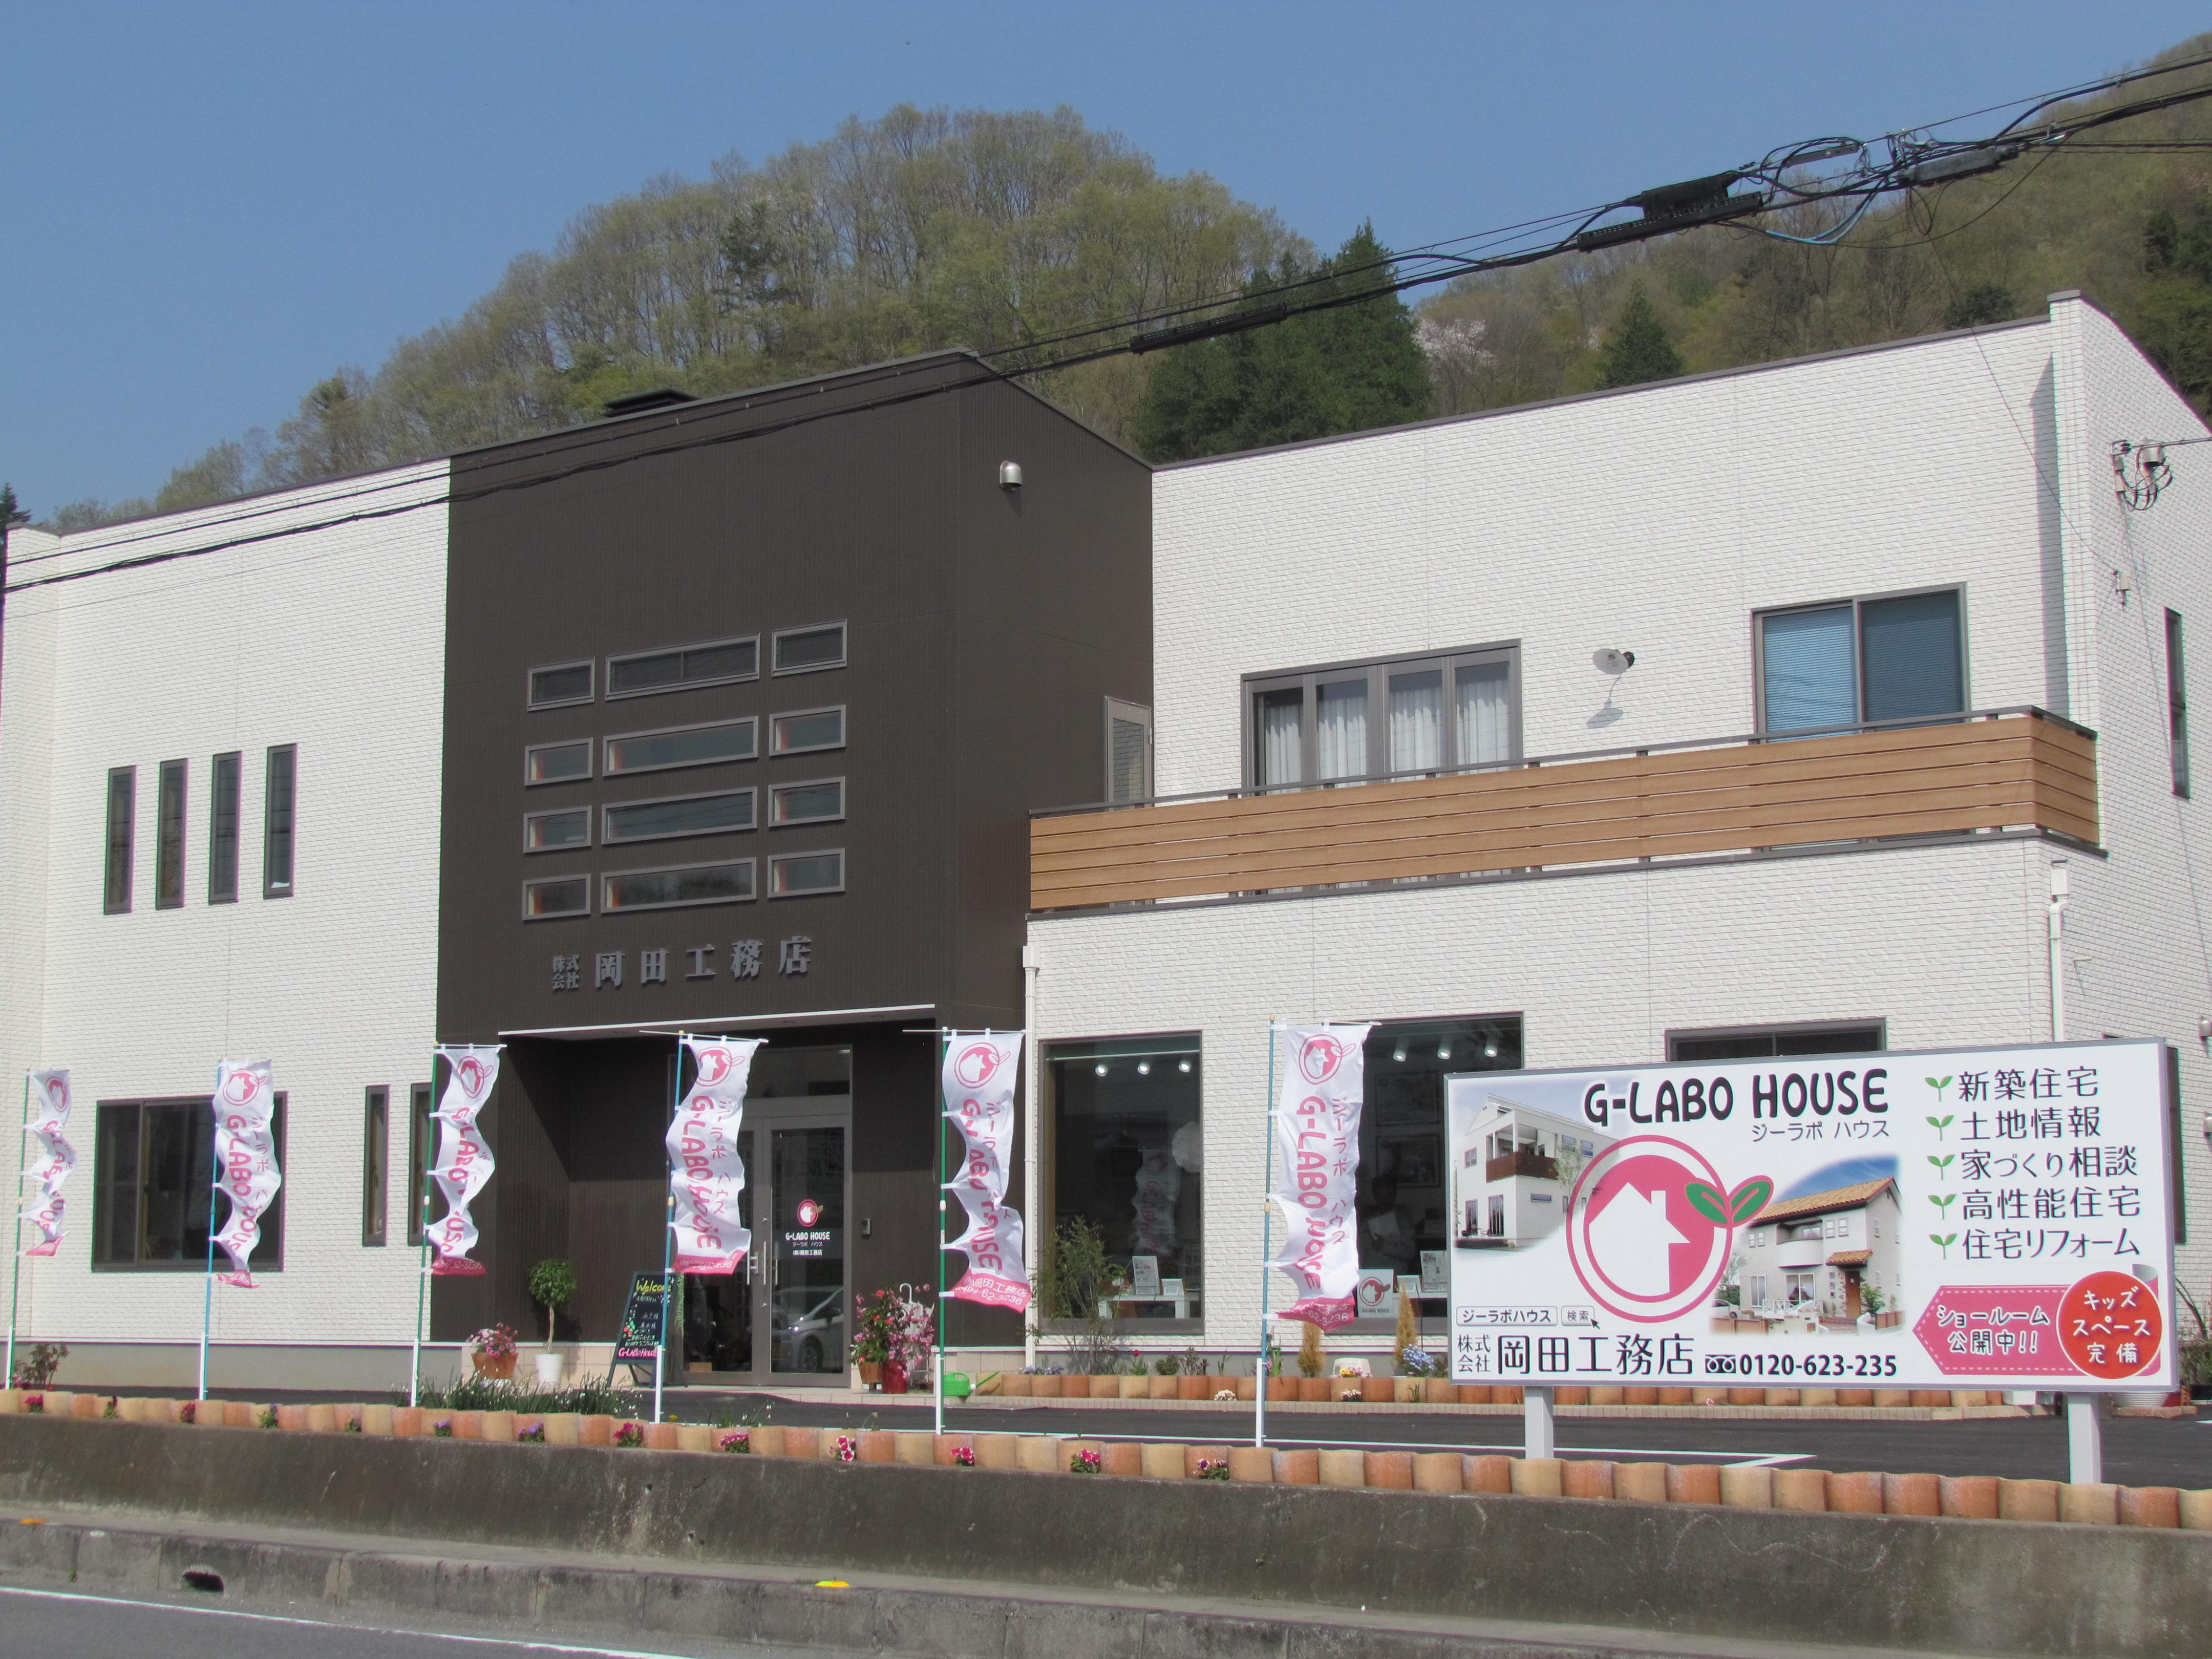 http://g-labo-house.com/blog/pic/IMG_2899.JPG